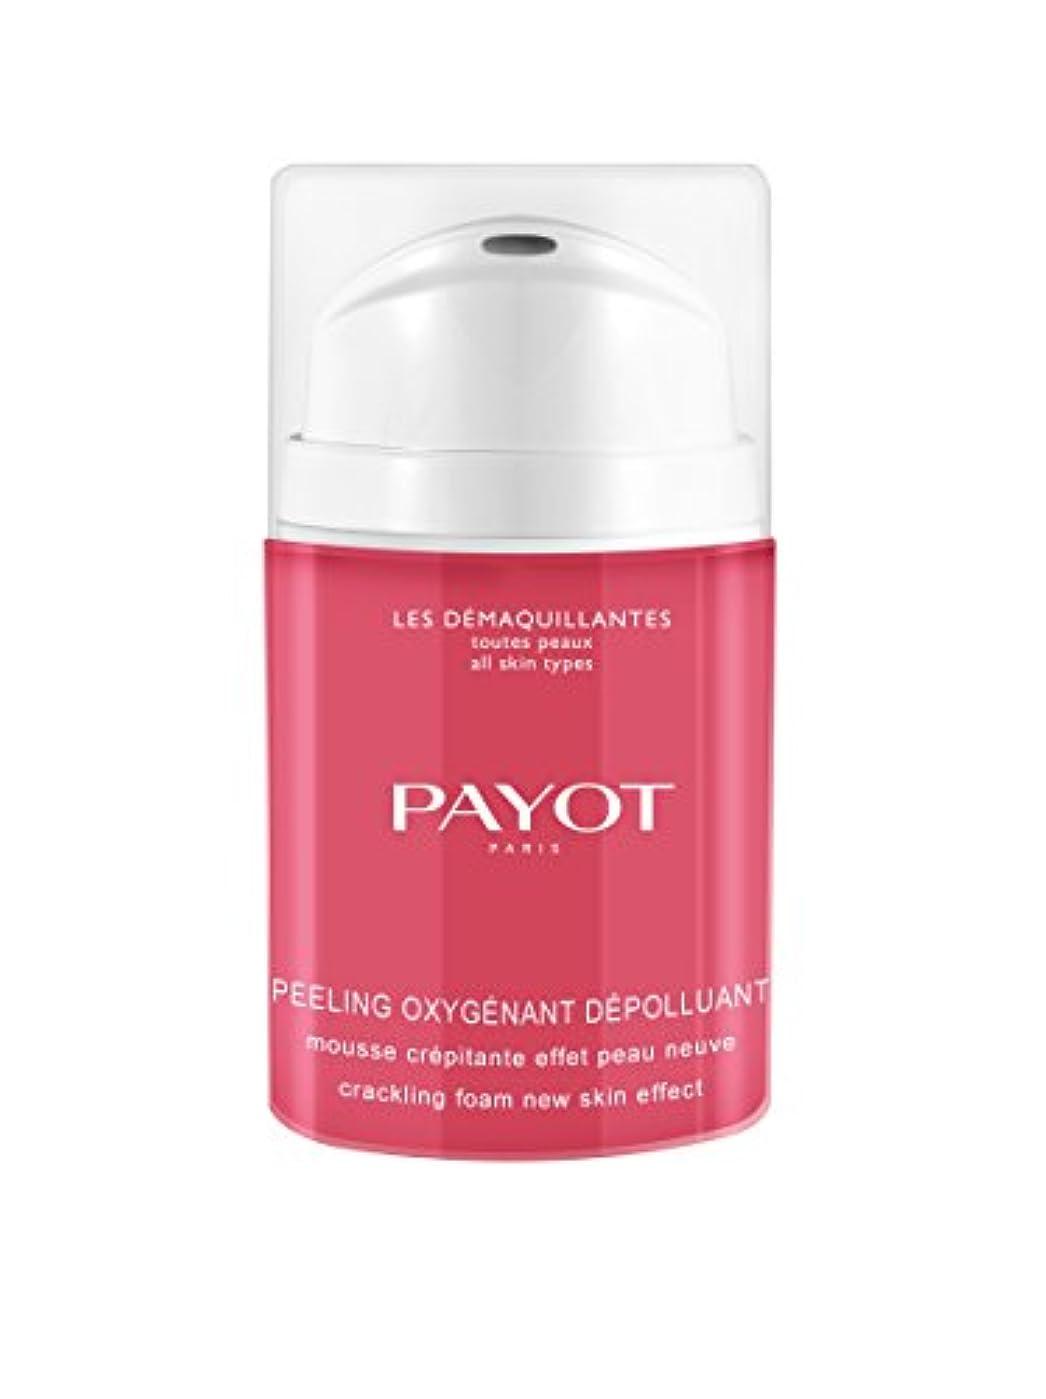 流星割れ目マイクロパイヨ Les Demaquillantes Peeling Oxygenant Depolluant - Cracking Foam New Skin Effect 40ml/1.35oz並行輸入品